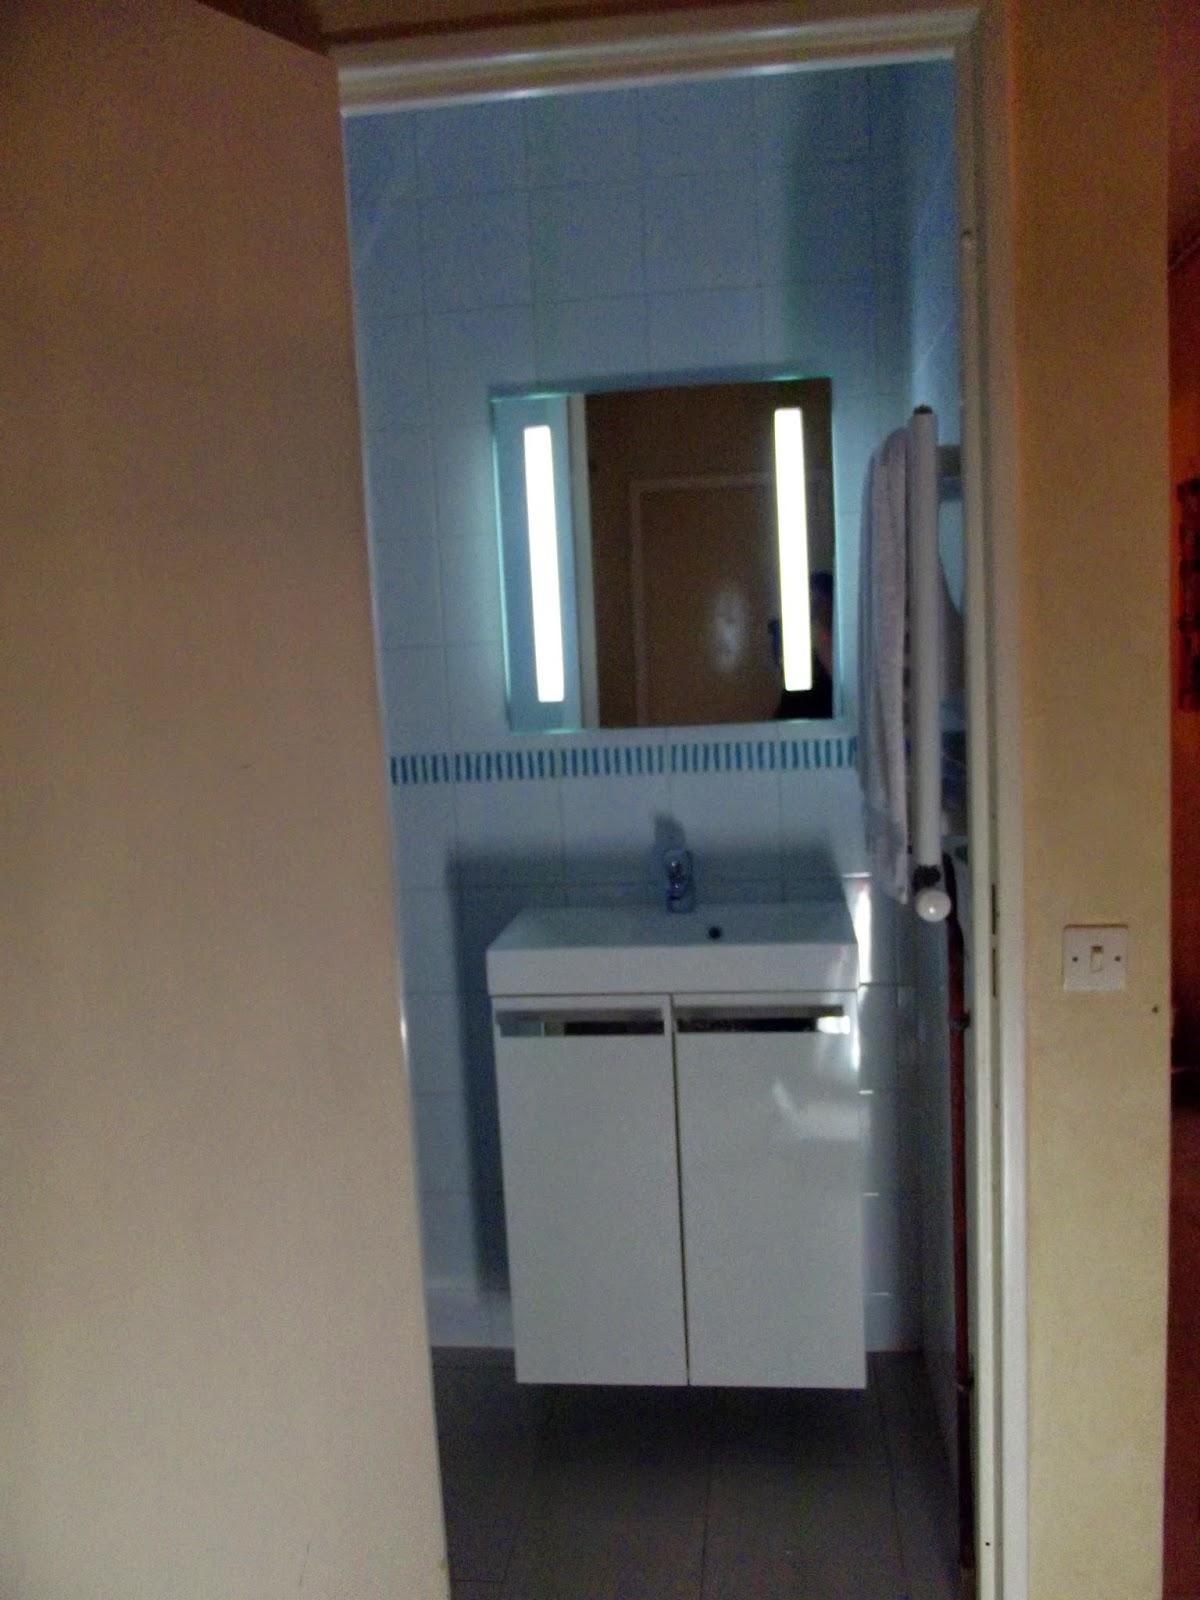 Chambre mur noir paillete for Petite salle de bain blanche